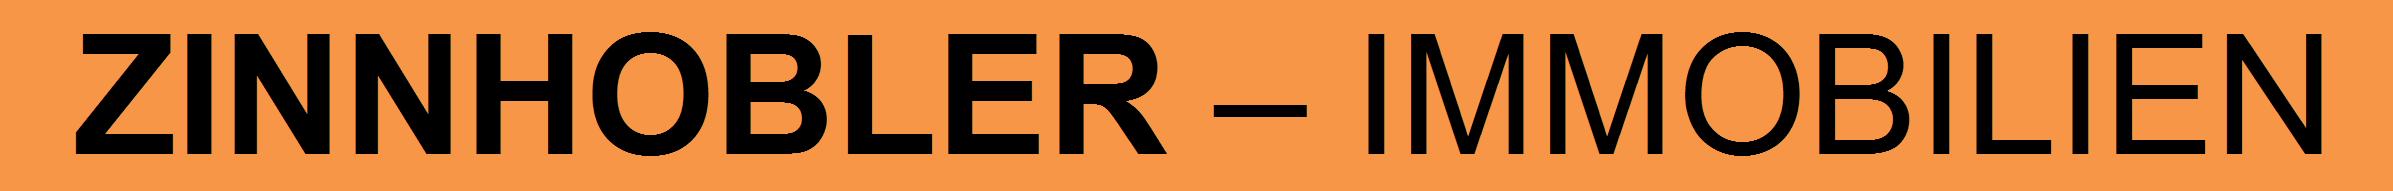 Zinnhobler Immobilien Logo Website